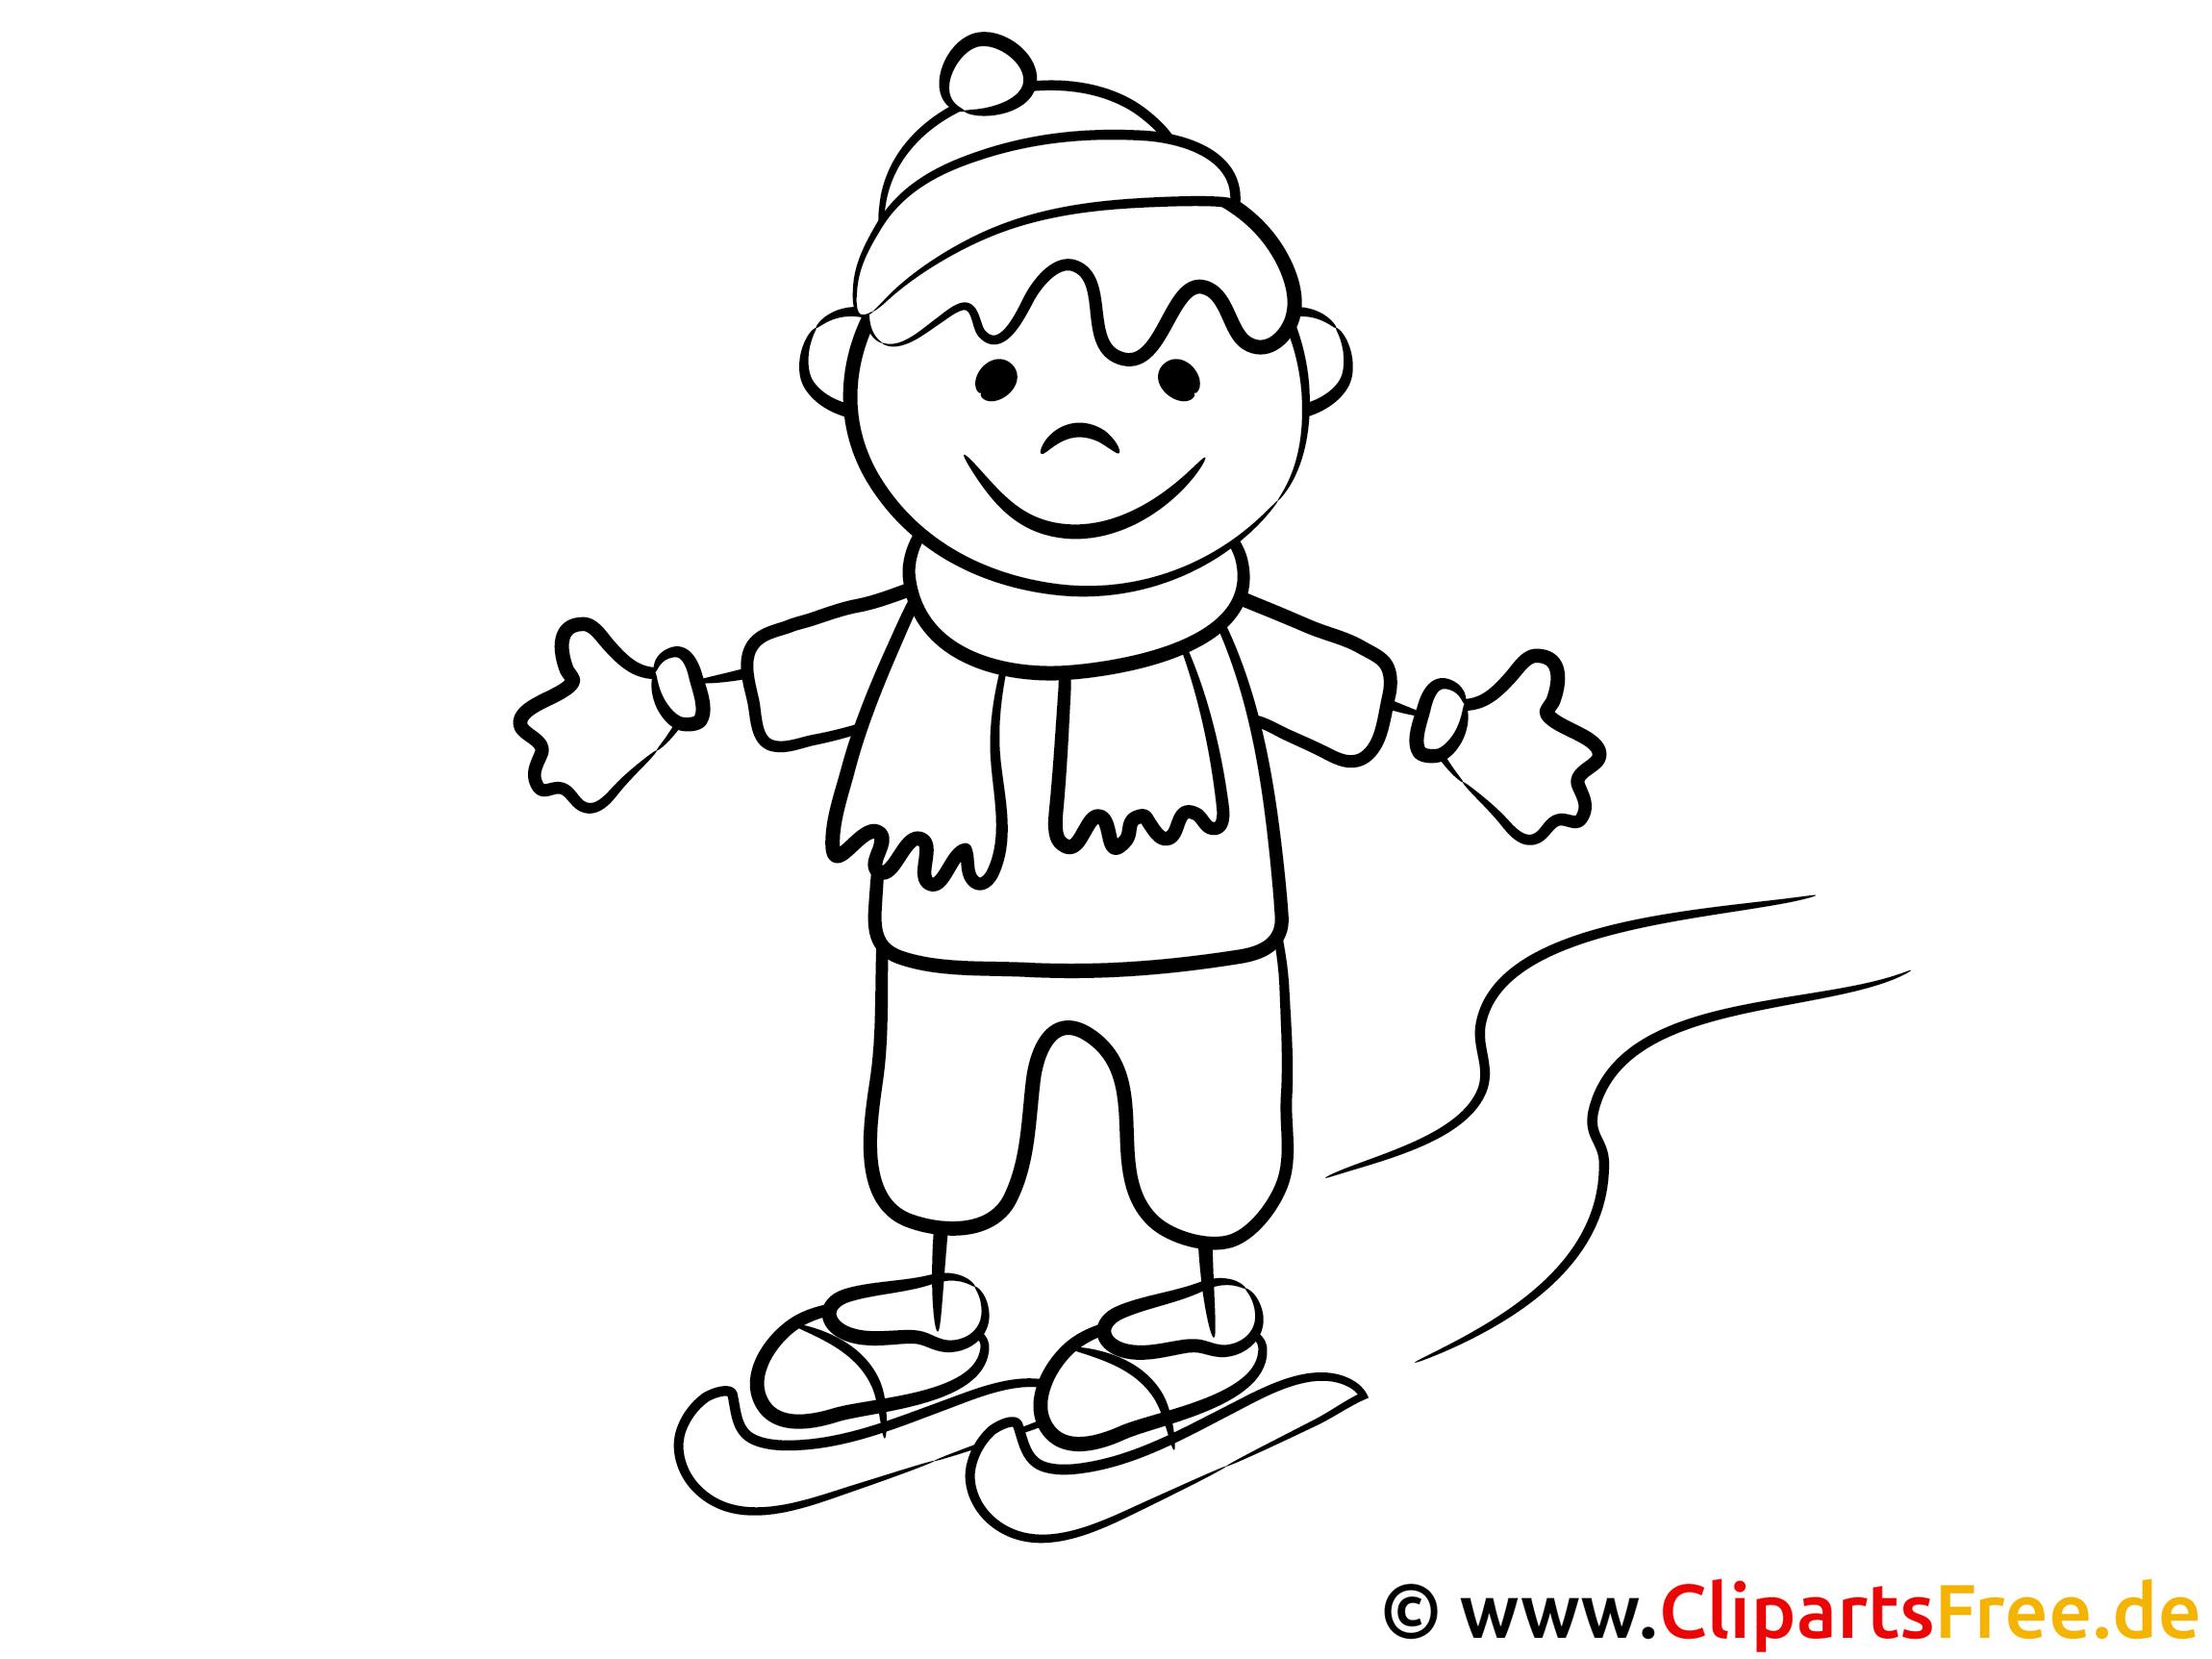 junge läuft schlittschuh ausmalbilder für kinder kostenlos